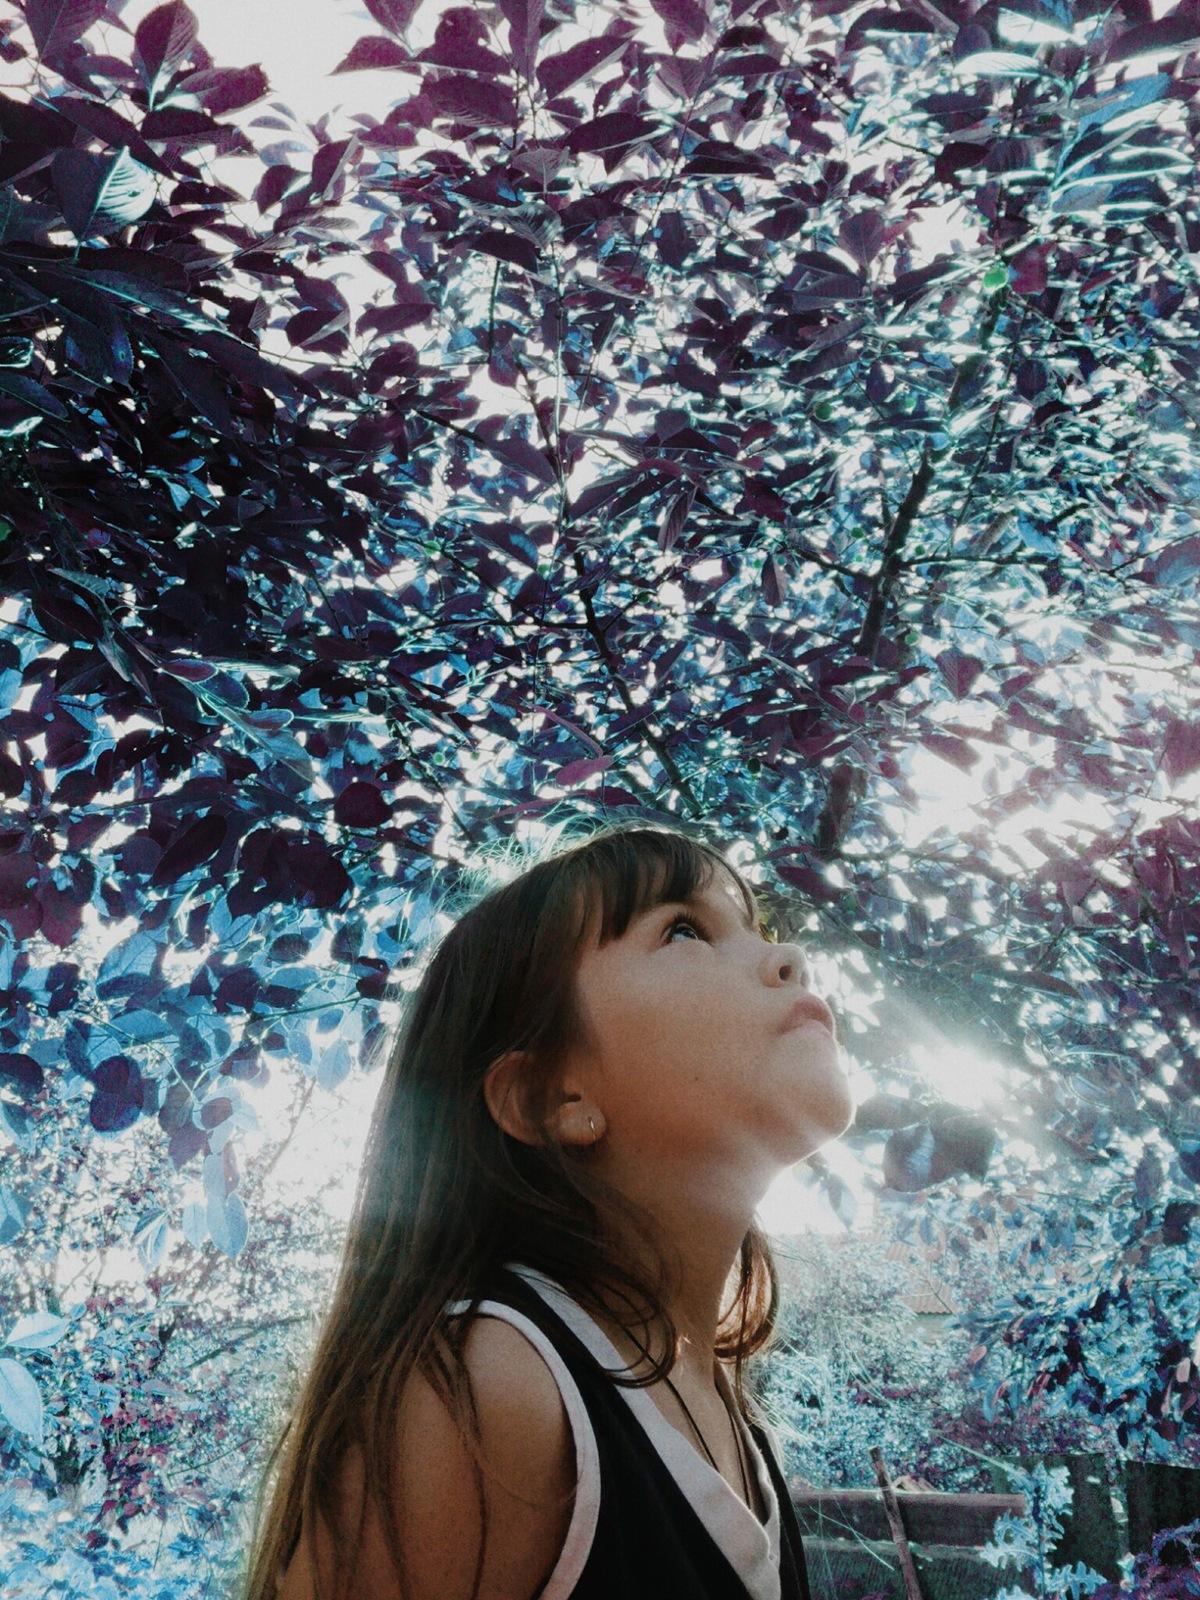 msgic by Sofia Shy